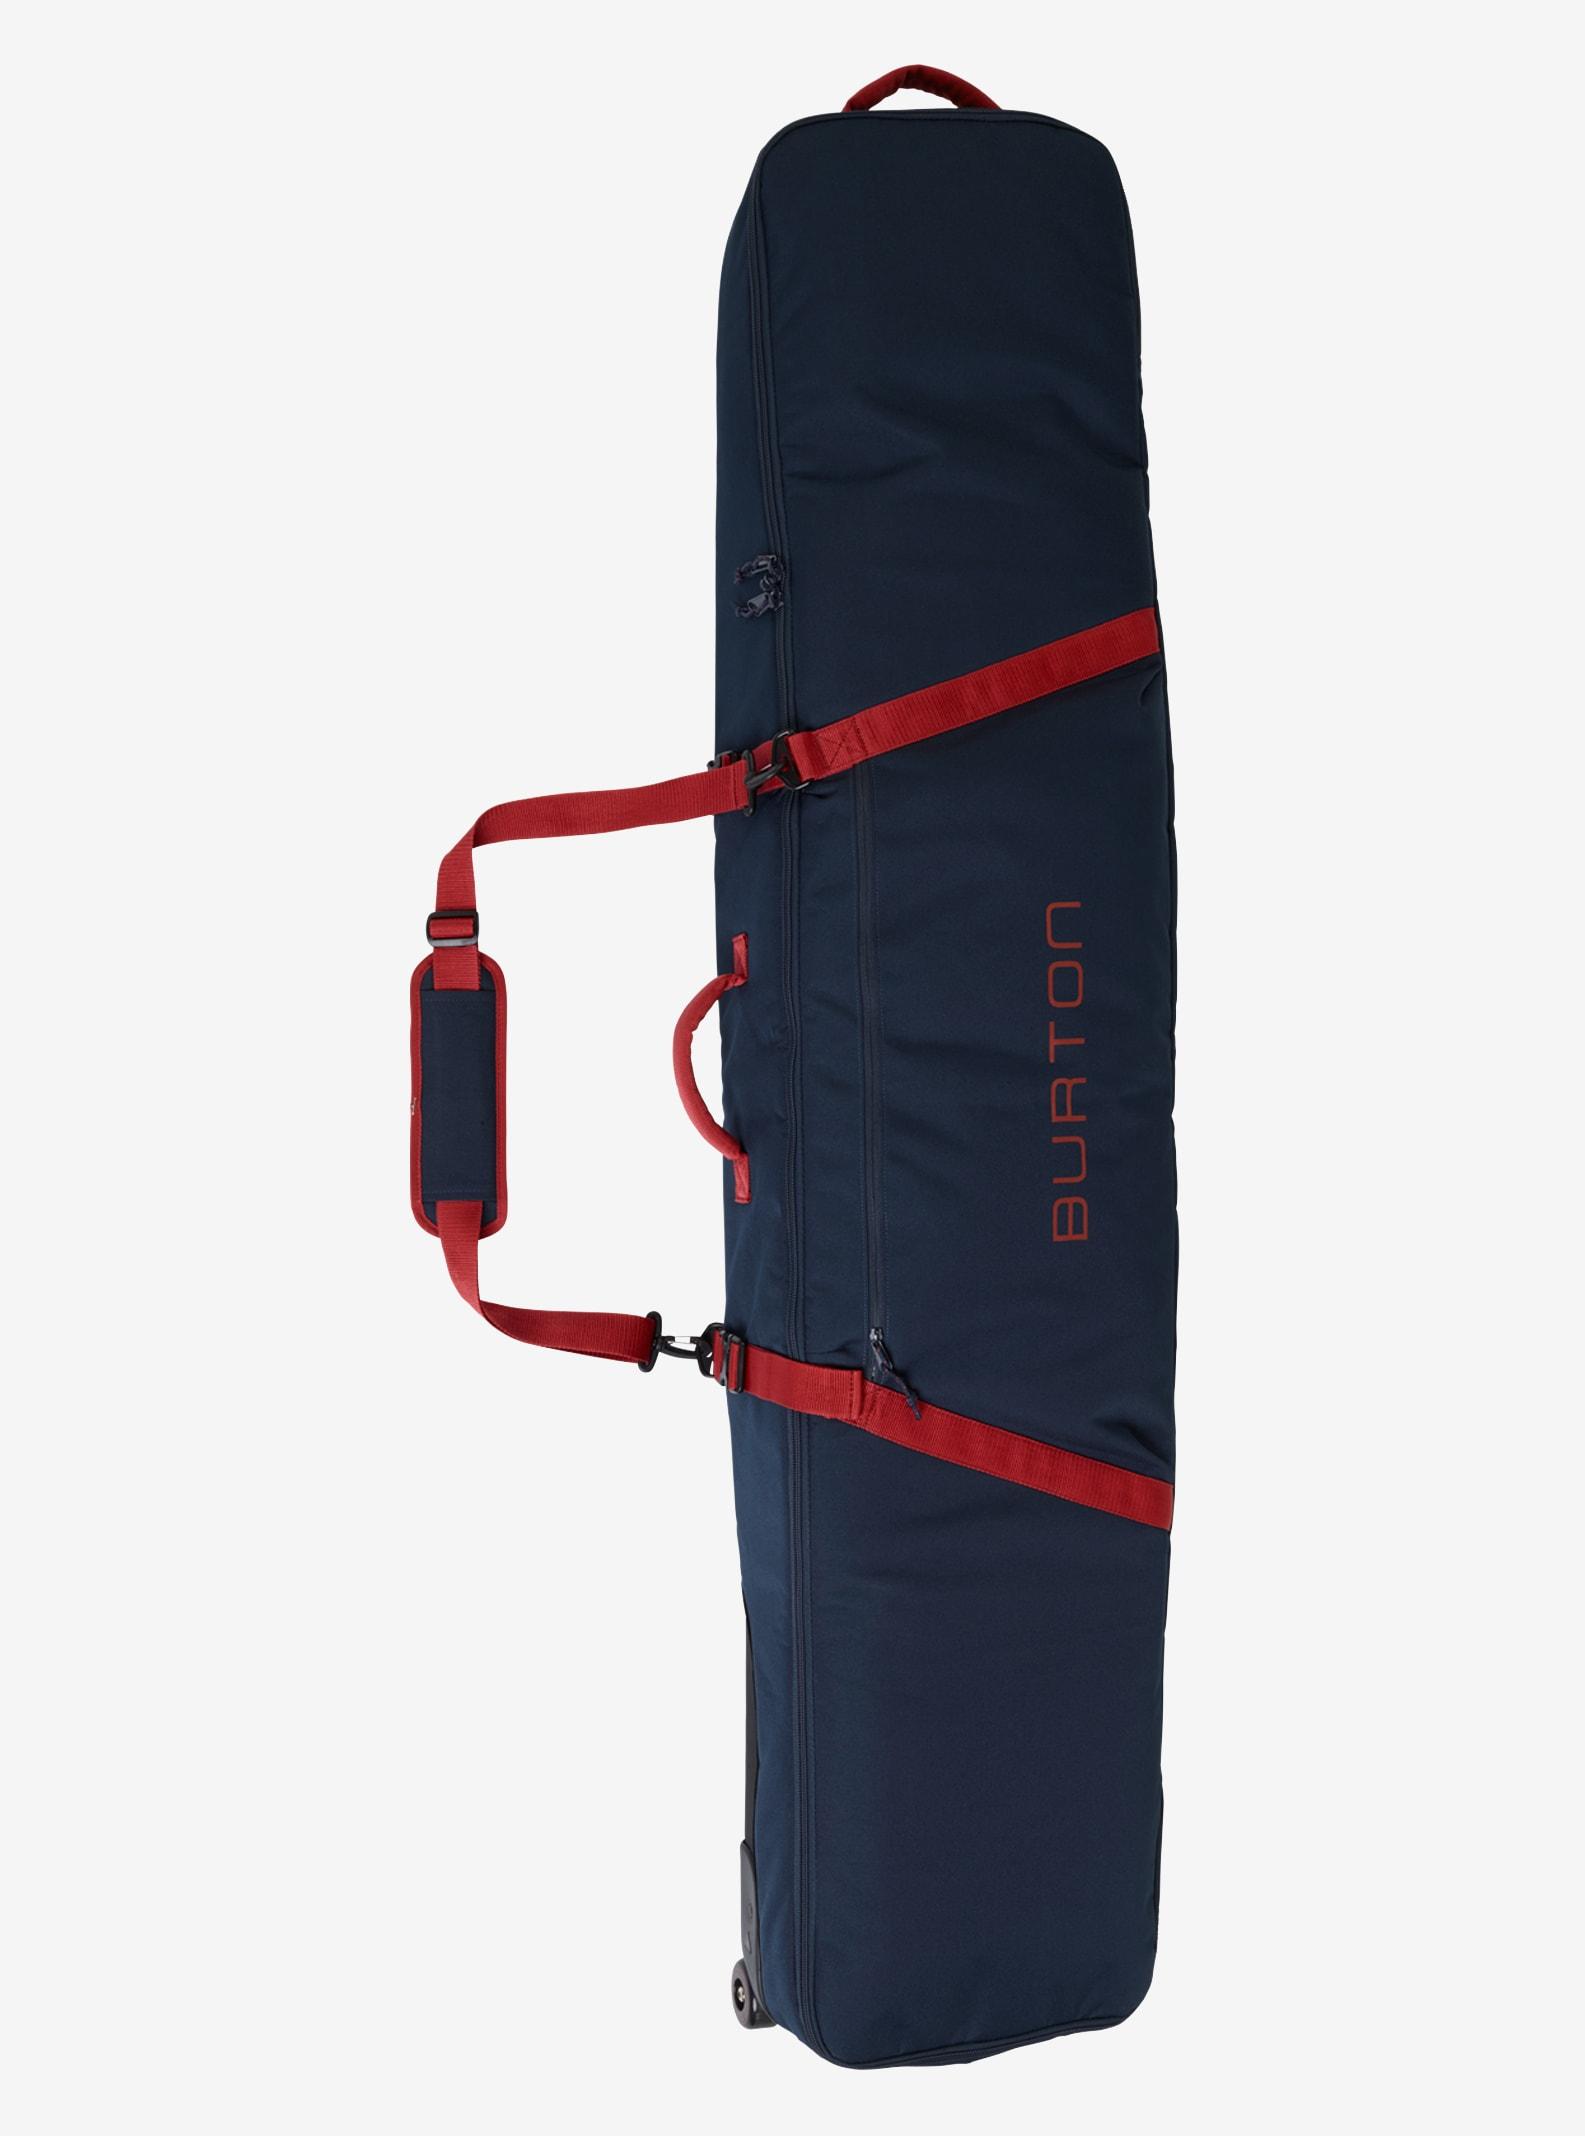 Burton Wheelie Gig Bag shown in Eclipse